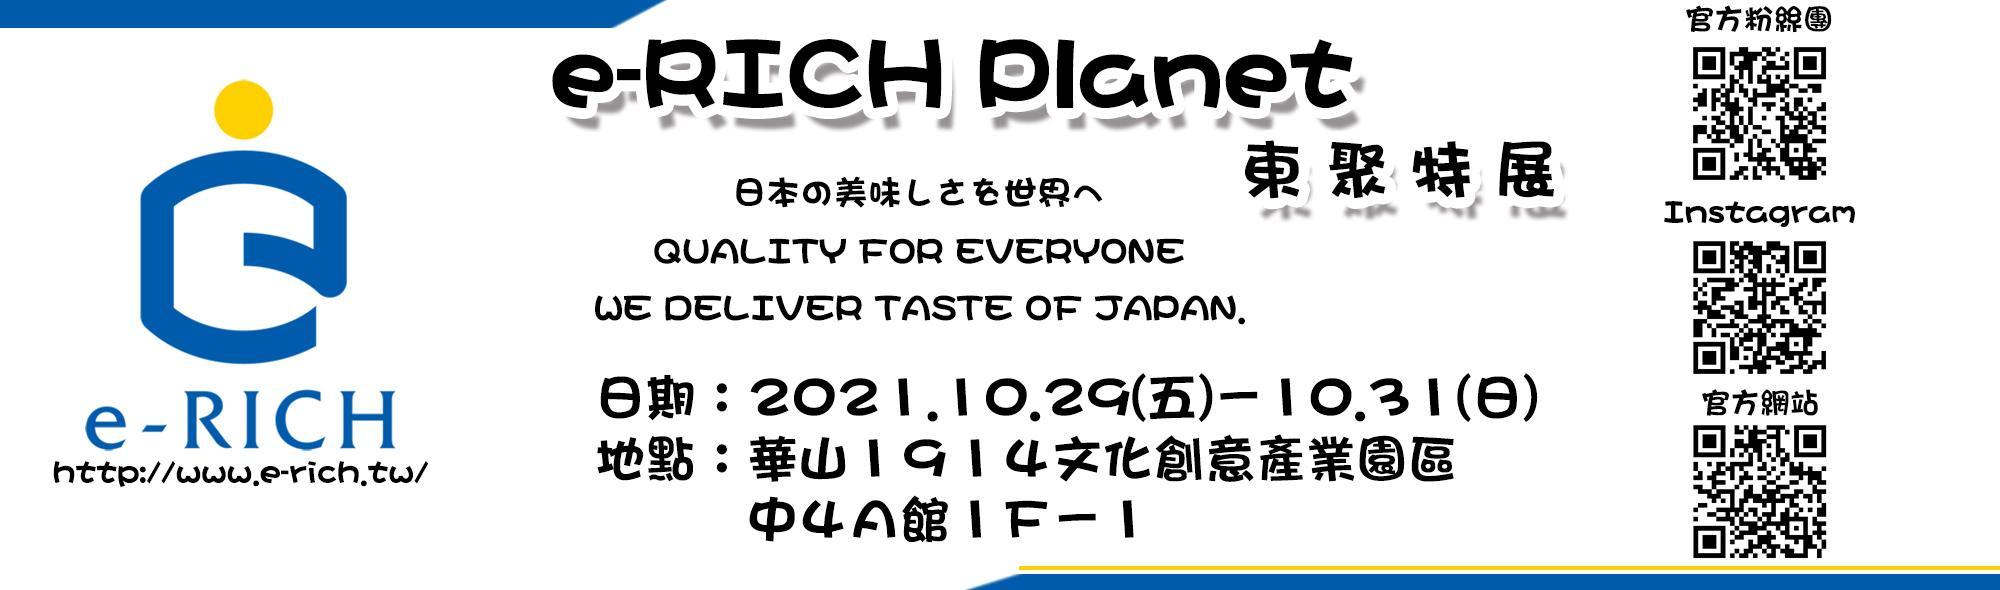 2021年e-RICH Planet 東聚特展